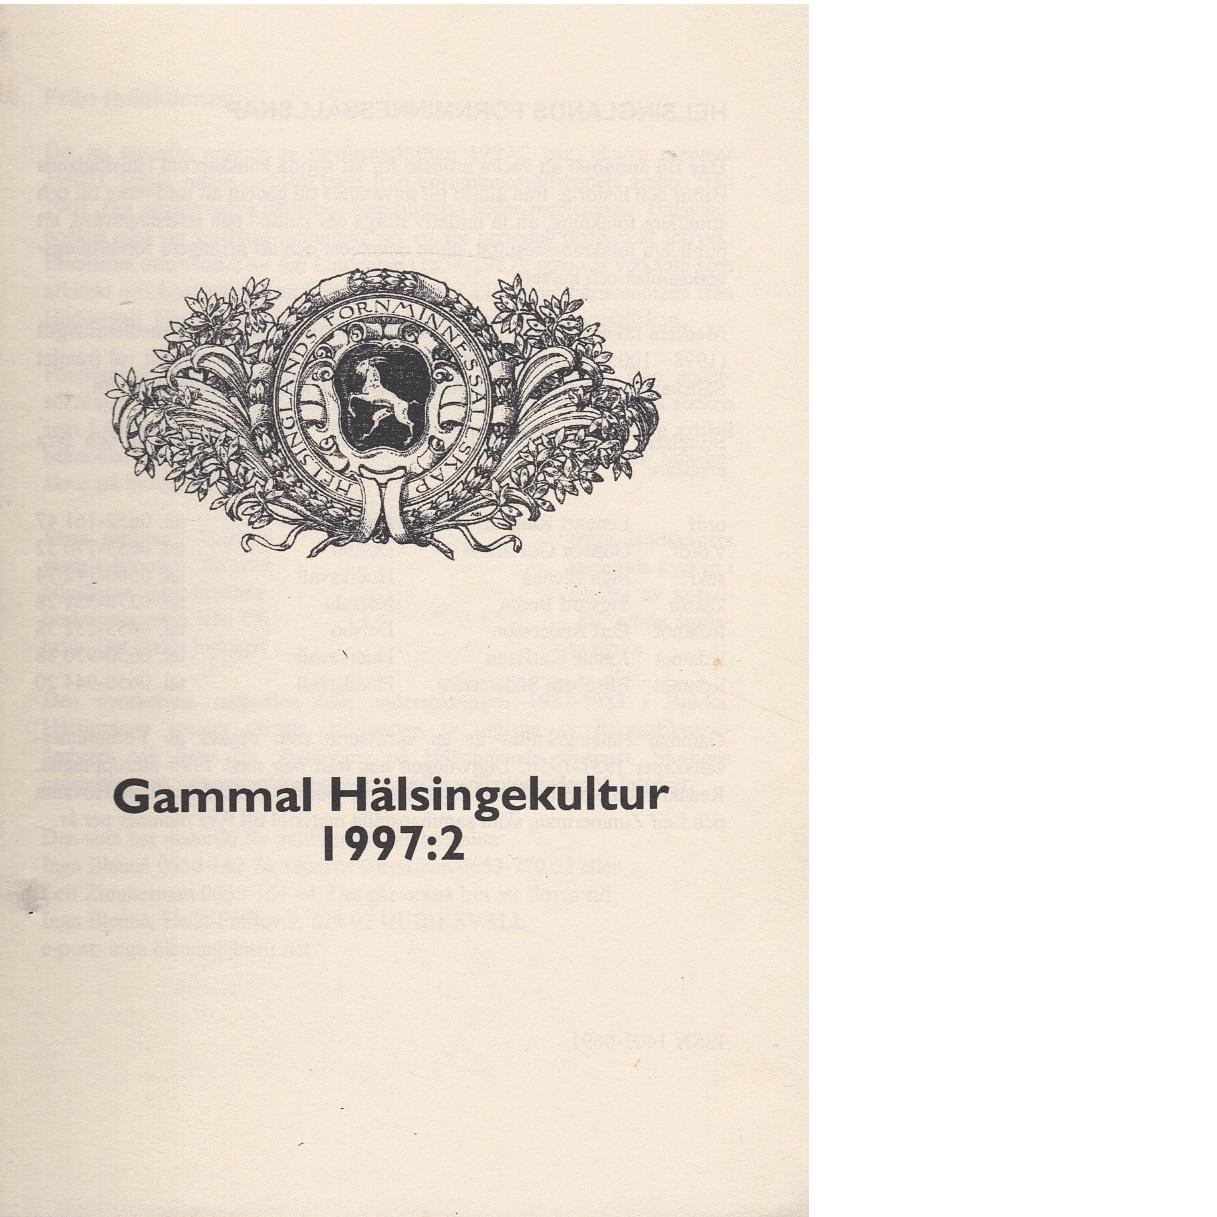 Gammal hälsingekultur : meddelanden från Hälsinglands fornminnessällskap 1997 nr 2 - Hälsinglands fornminnessällskap